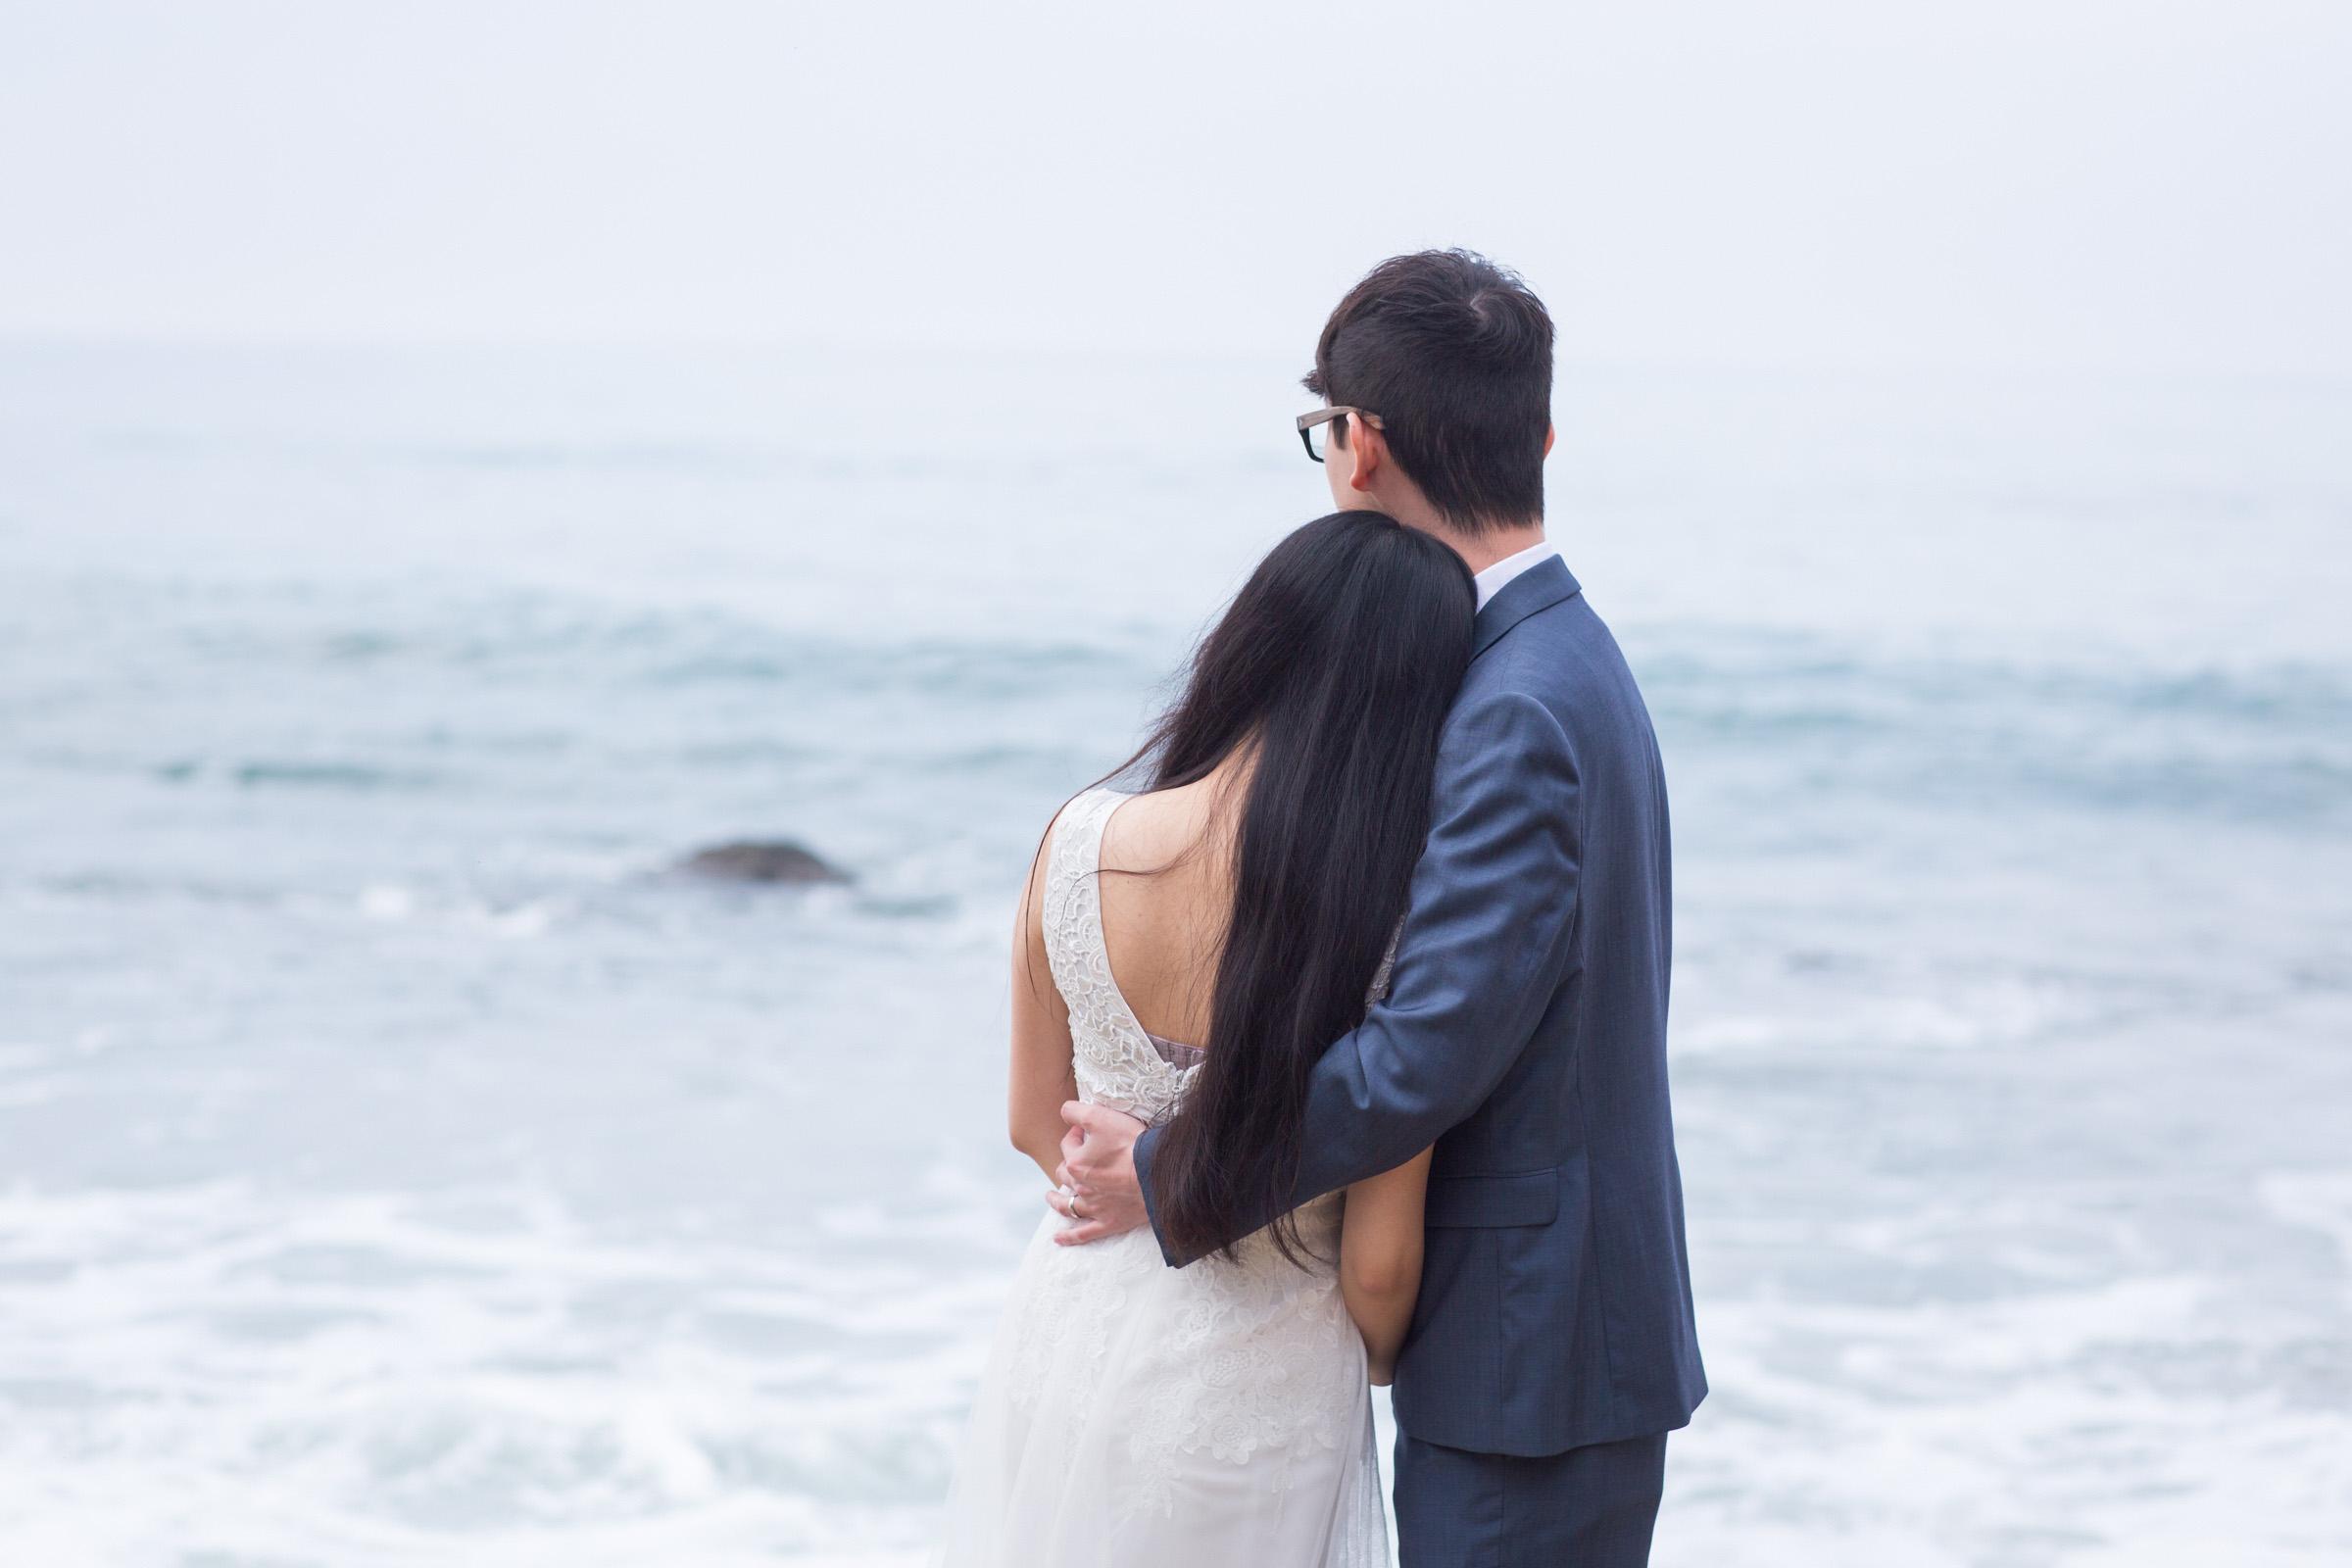 058-2018-Abalone-Engaged.jpg